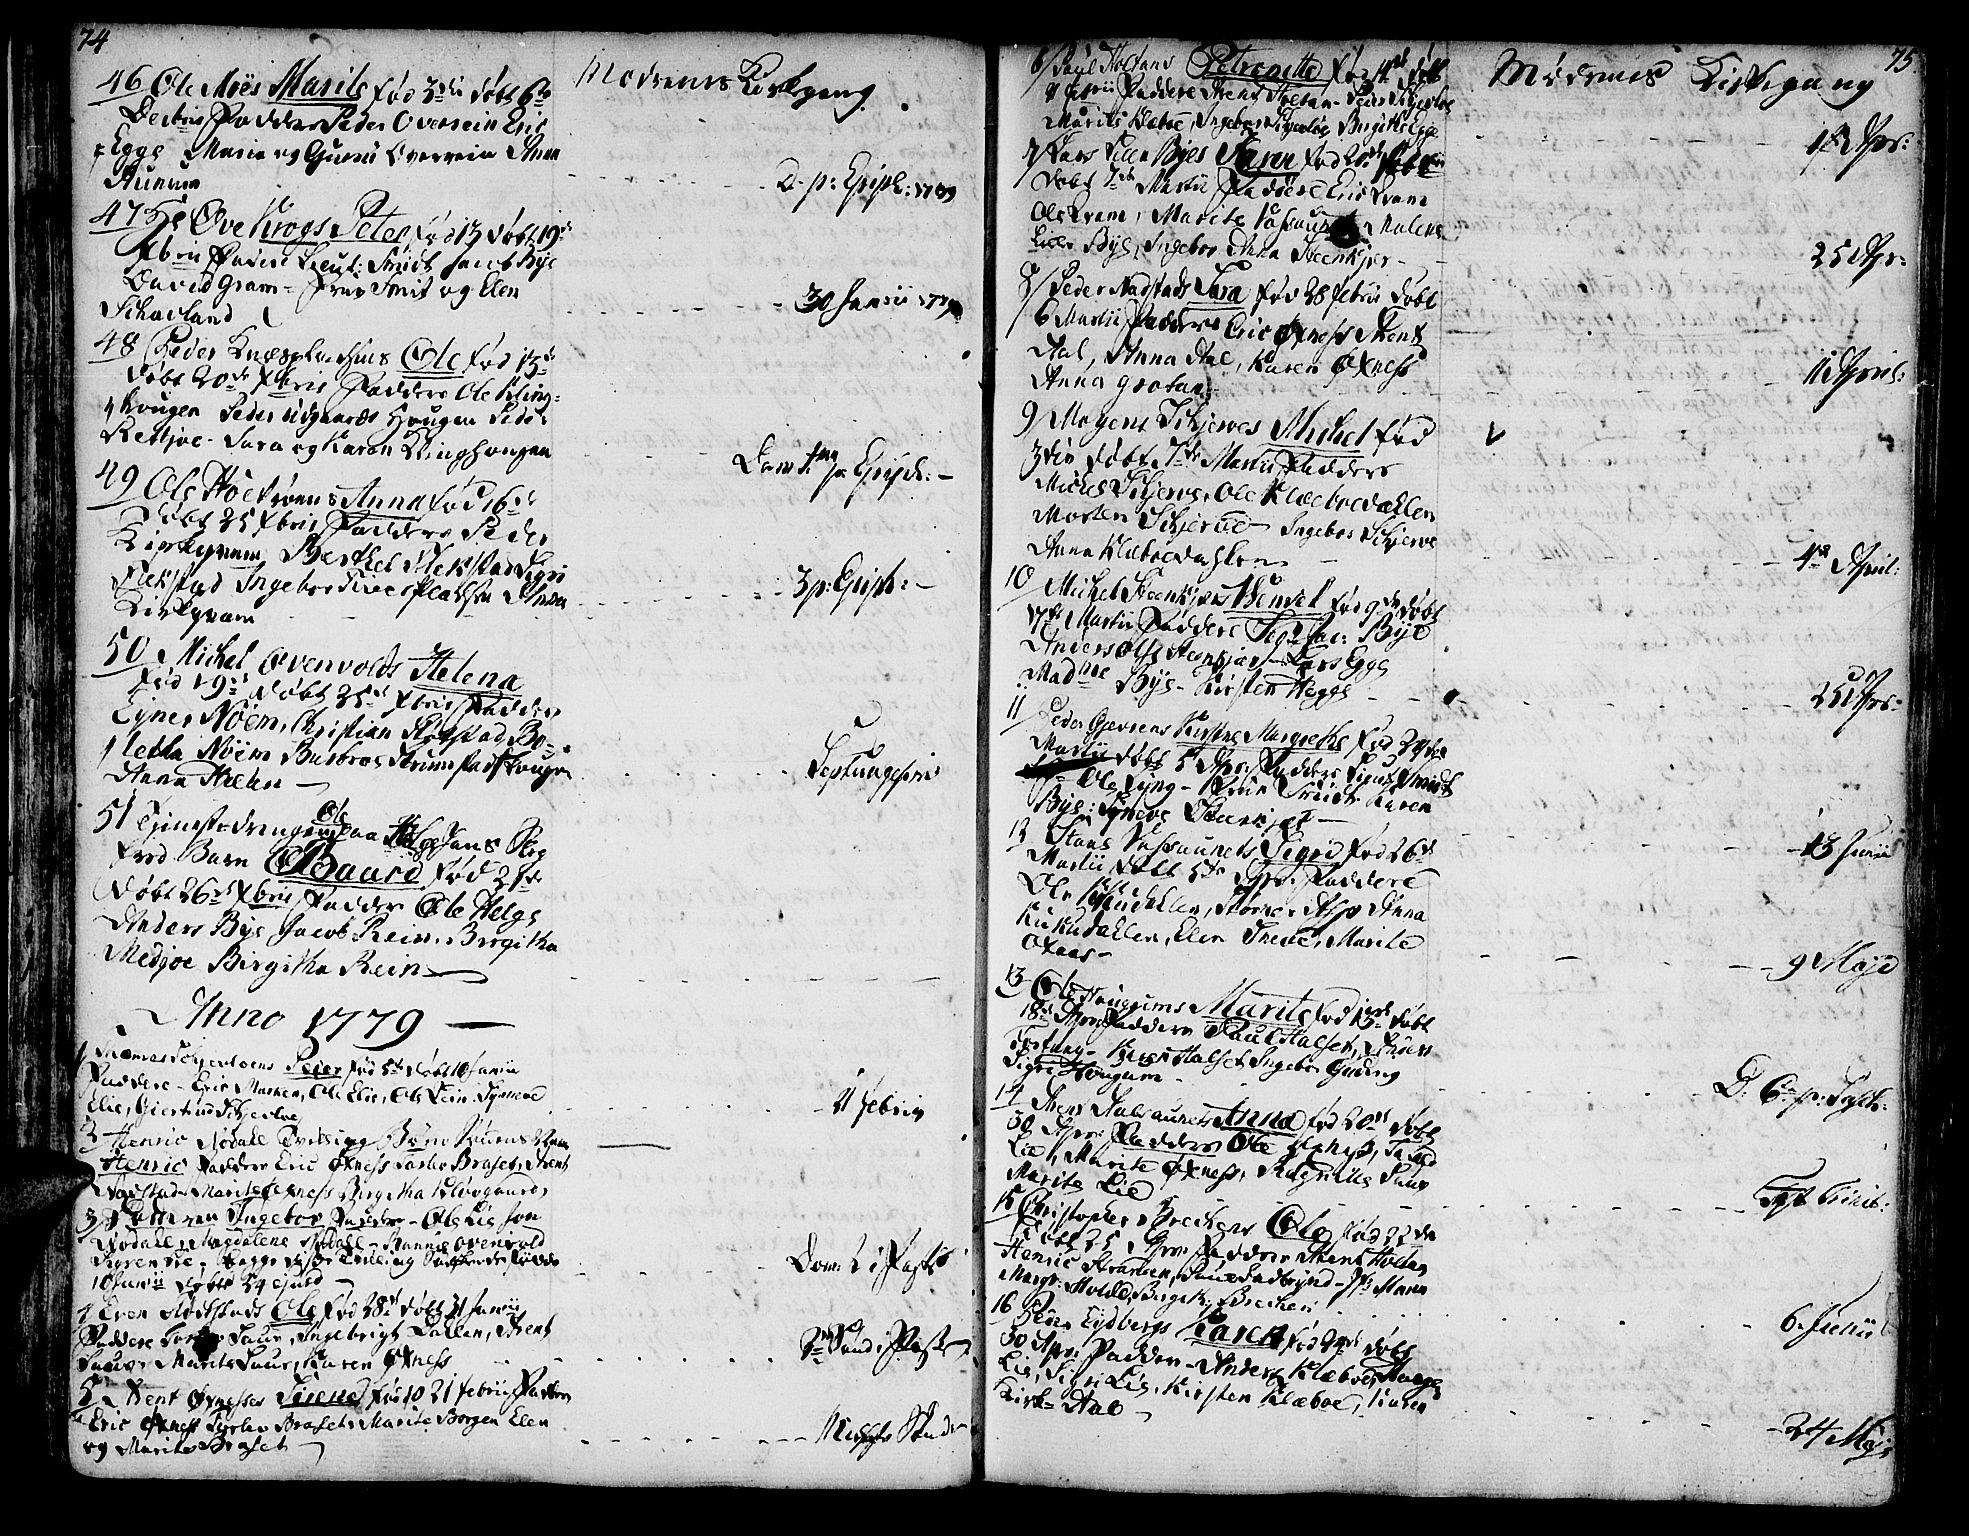 SAT, Ministerialprotokoller, klokkerbøker og fødselsregistre - Nord-Trøndelag, 746/L0440: Ministerialbok nr. 746A02, 1760-1815, s. 74-75